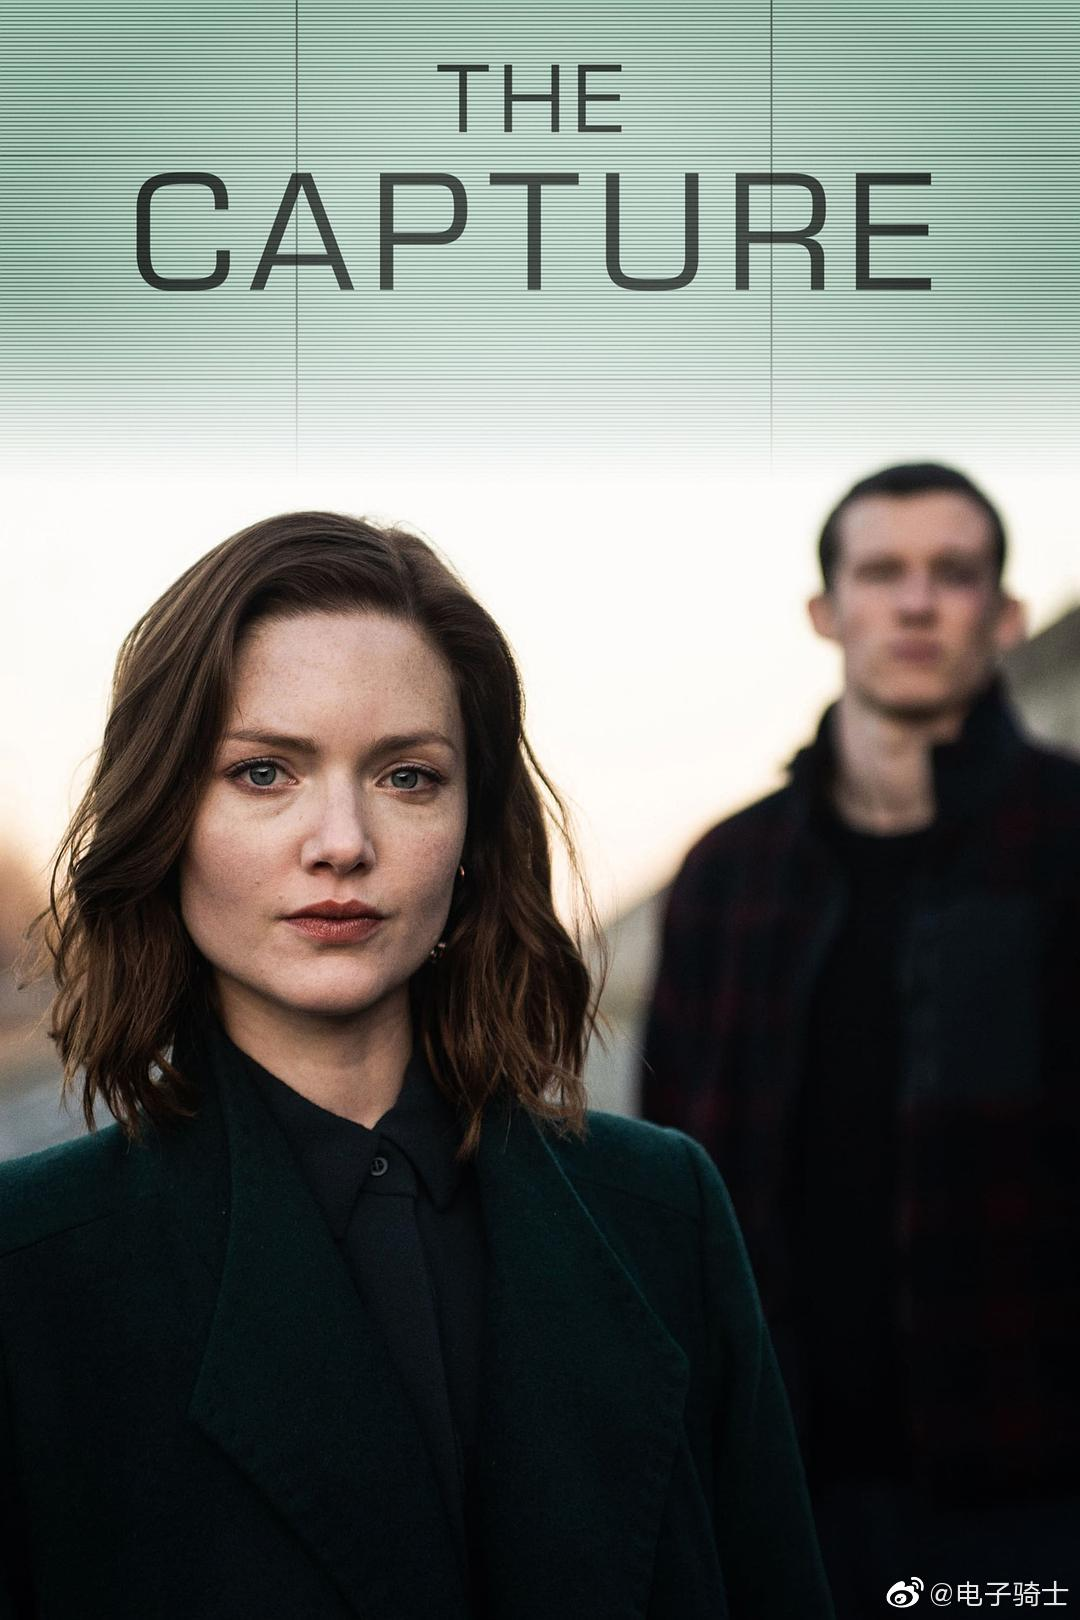 BBC的英剧《真相捕捉》(The Capture)明天就要播最后一集了